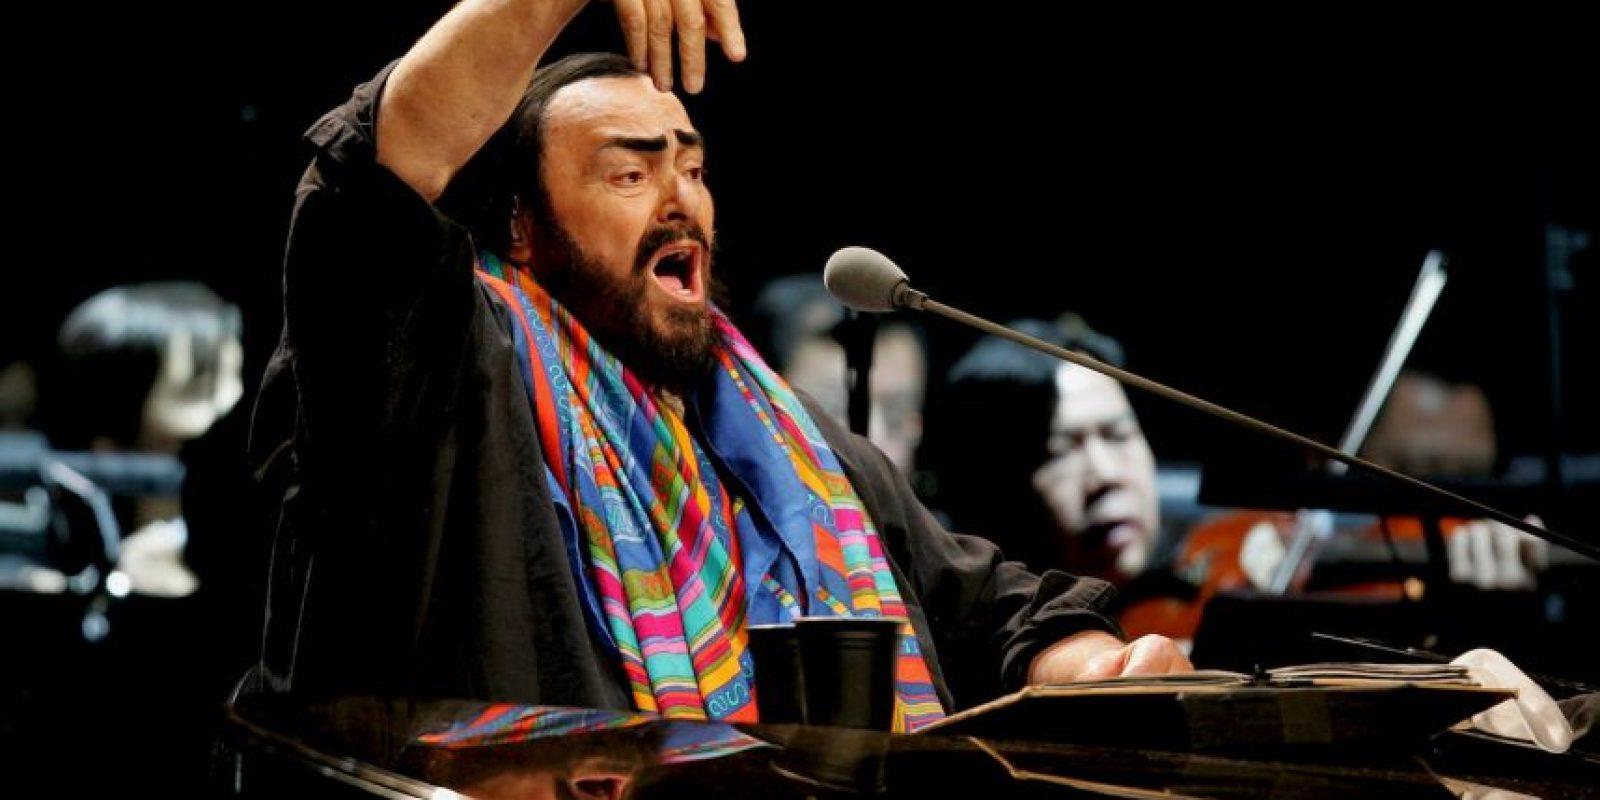 Cantante de Ópera, fallecido en 2007 Foto:Getty Images